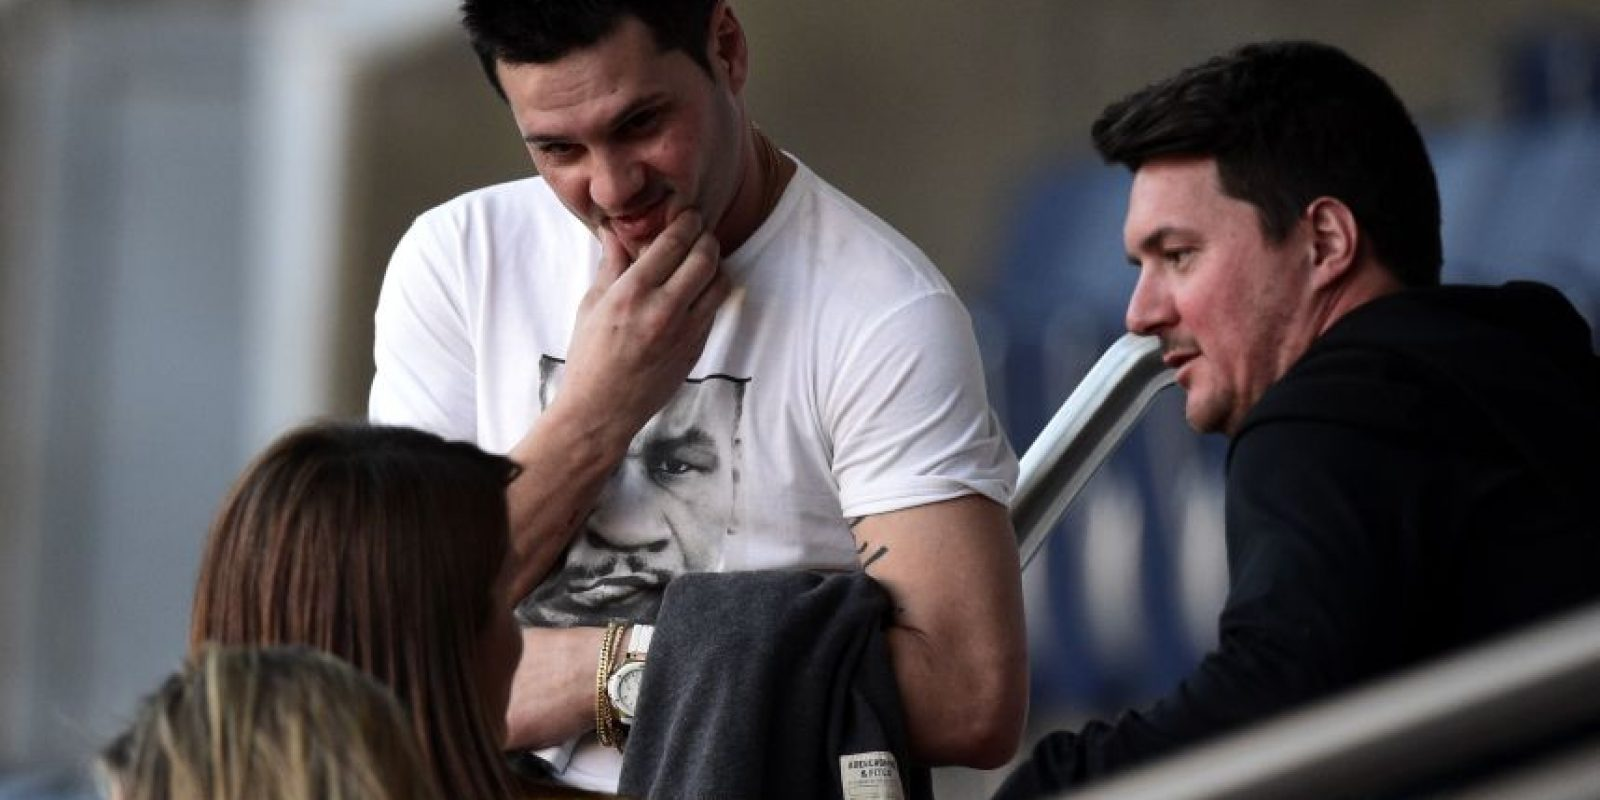 El hermano del futbolista argentino es noticia por problemas legales en su país. Foto:AFP